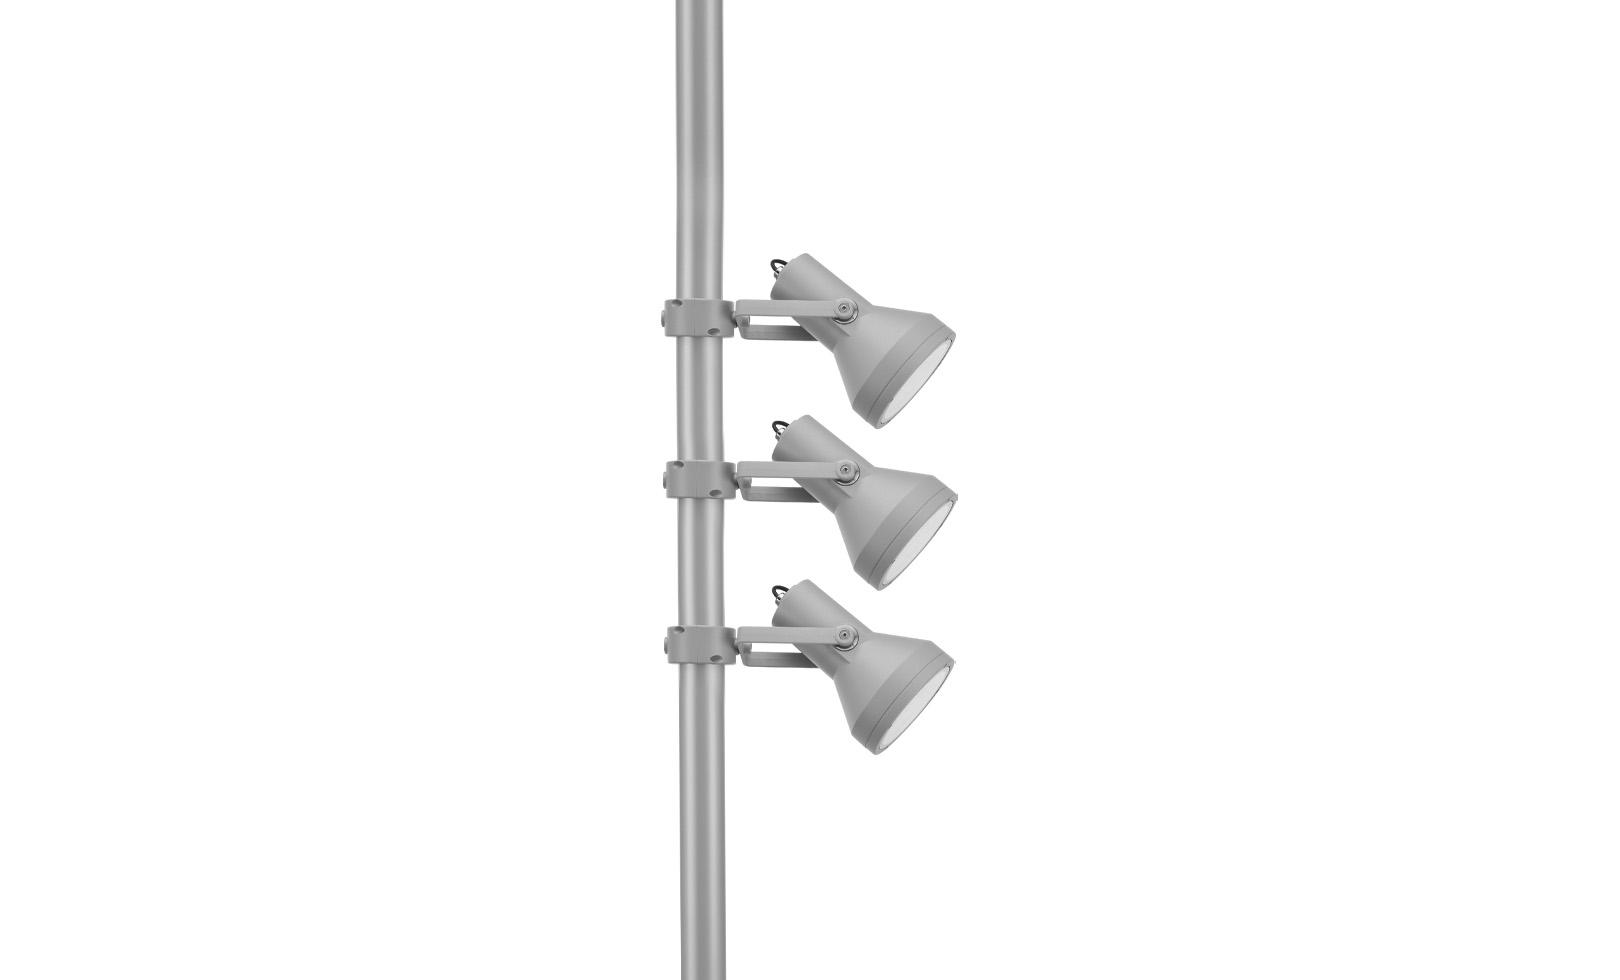 805003-805007 FLASH POLE MAXI LED 12W 3